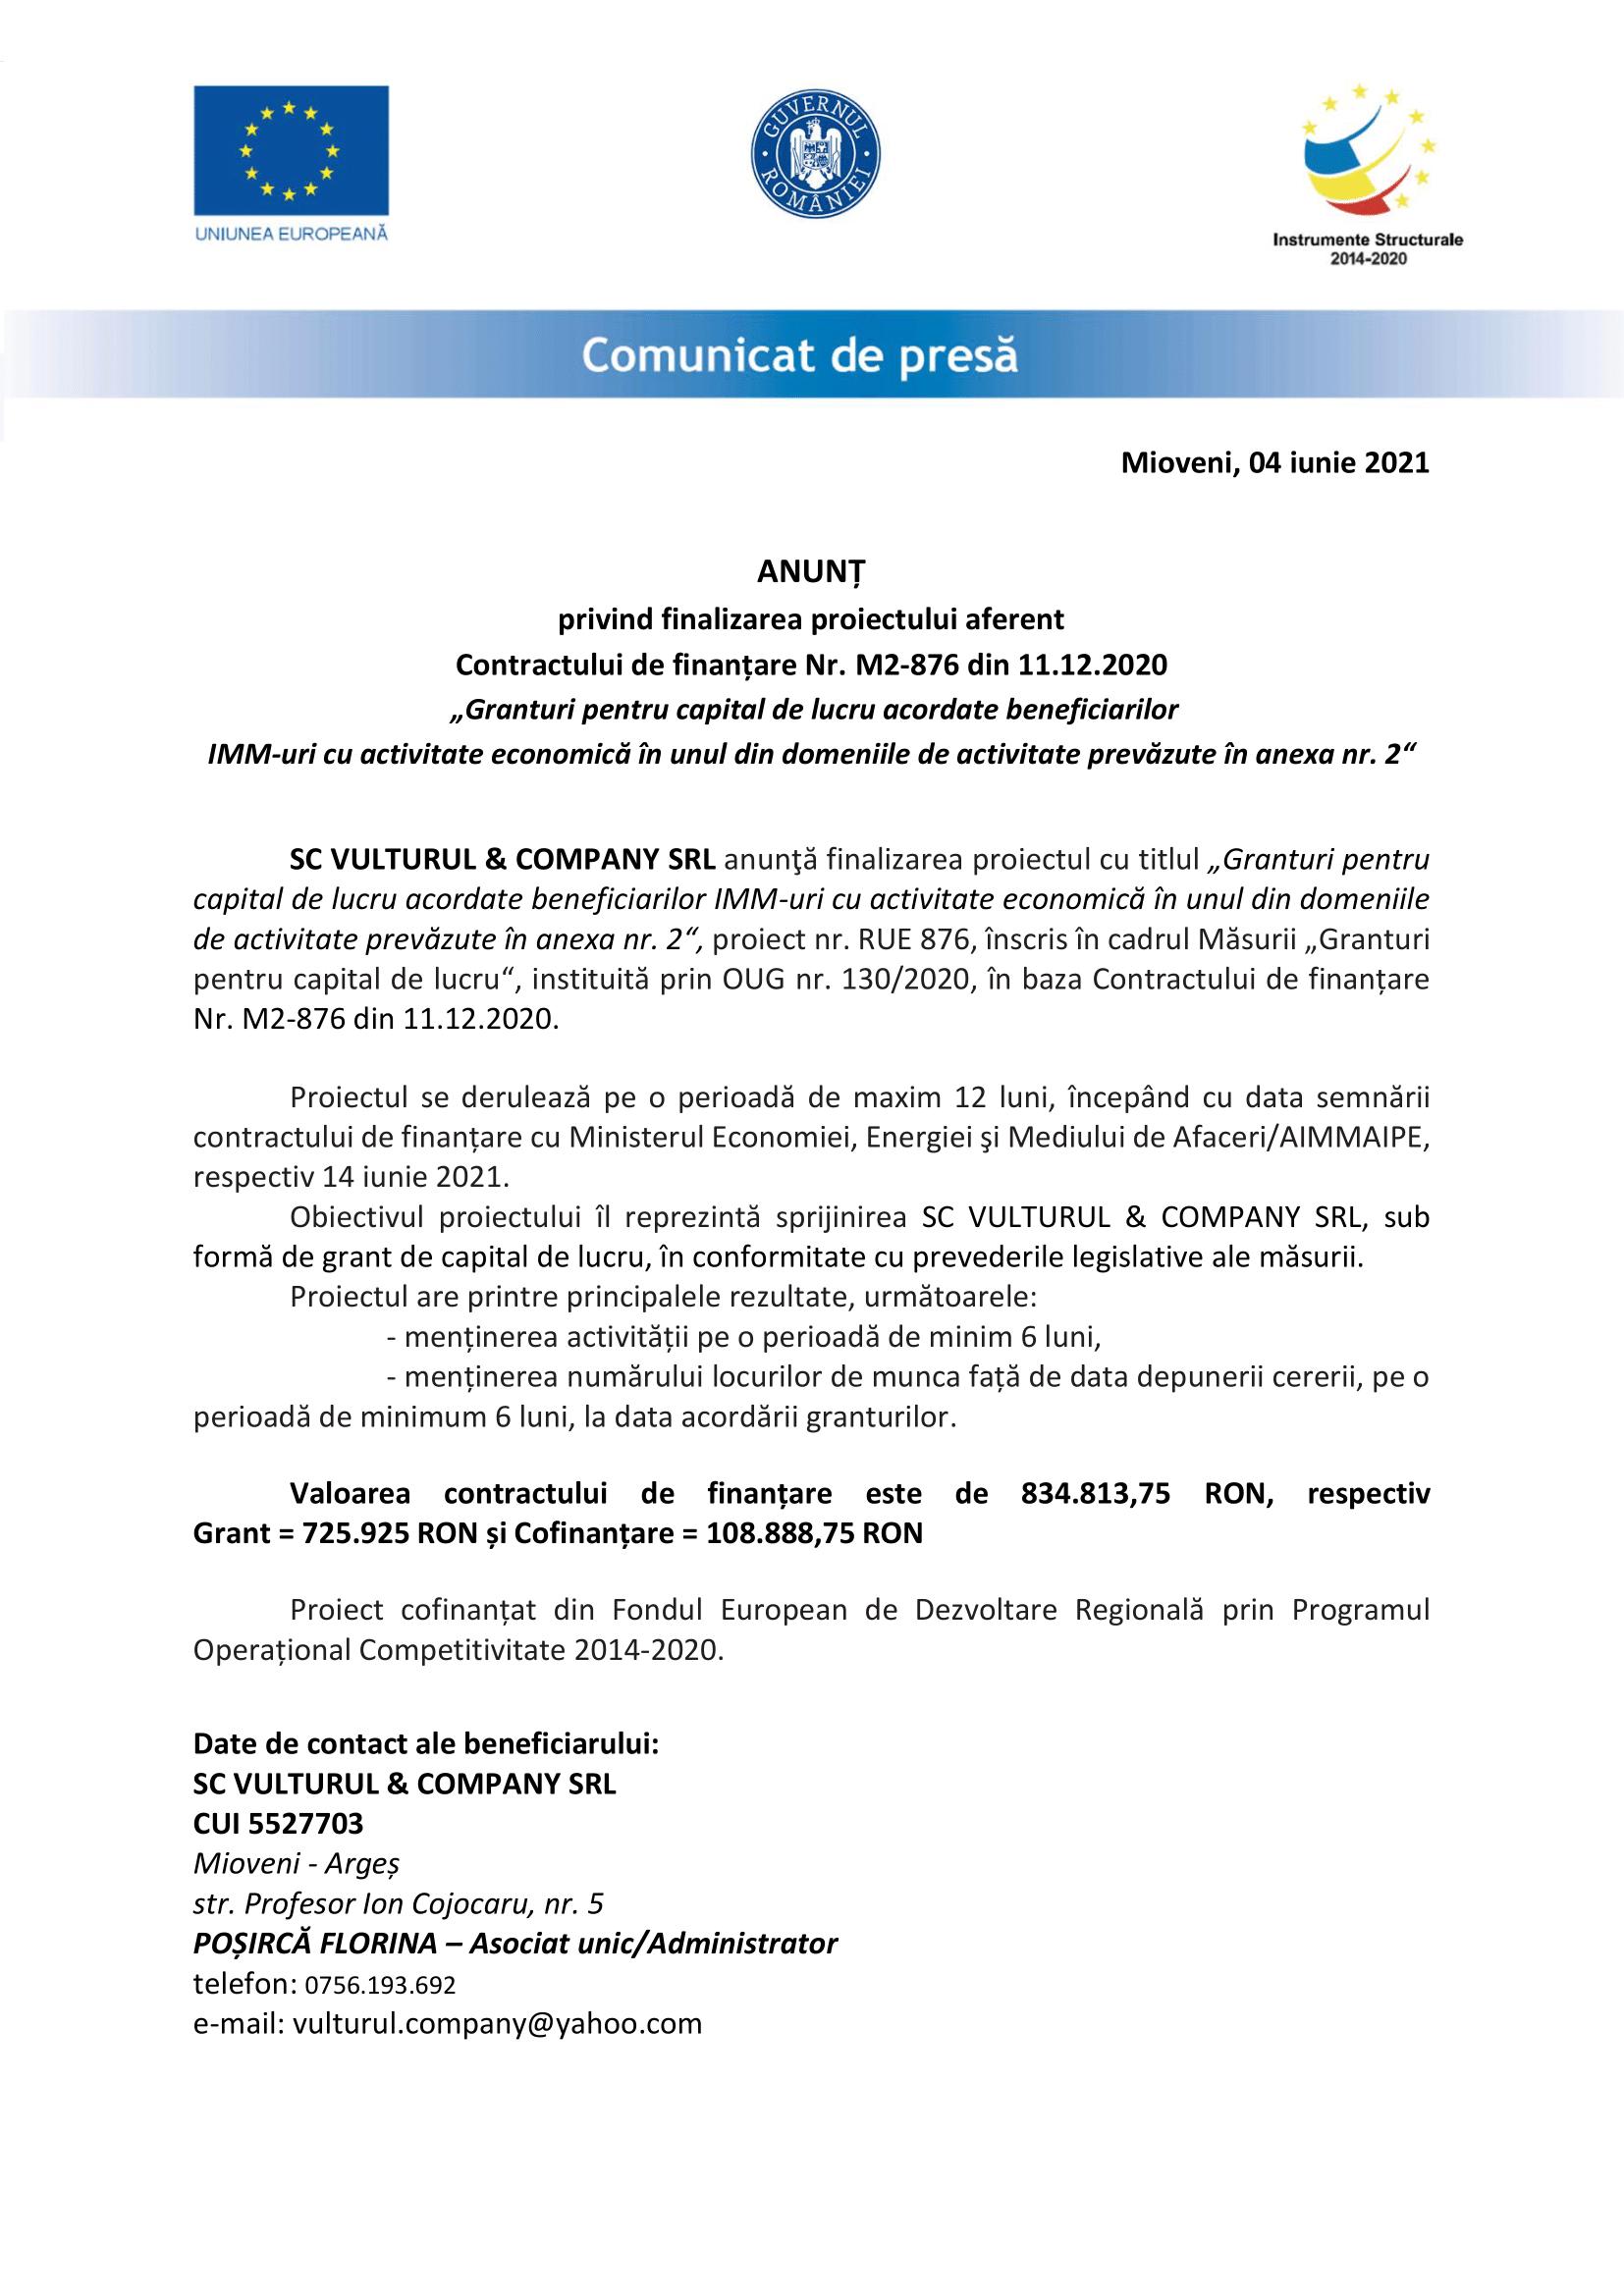 Comunicat_de_presă_Vulturul_iunie_2021-1